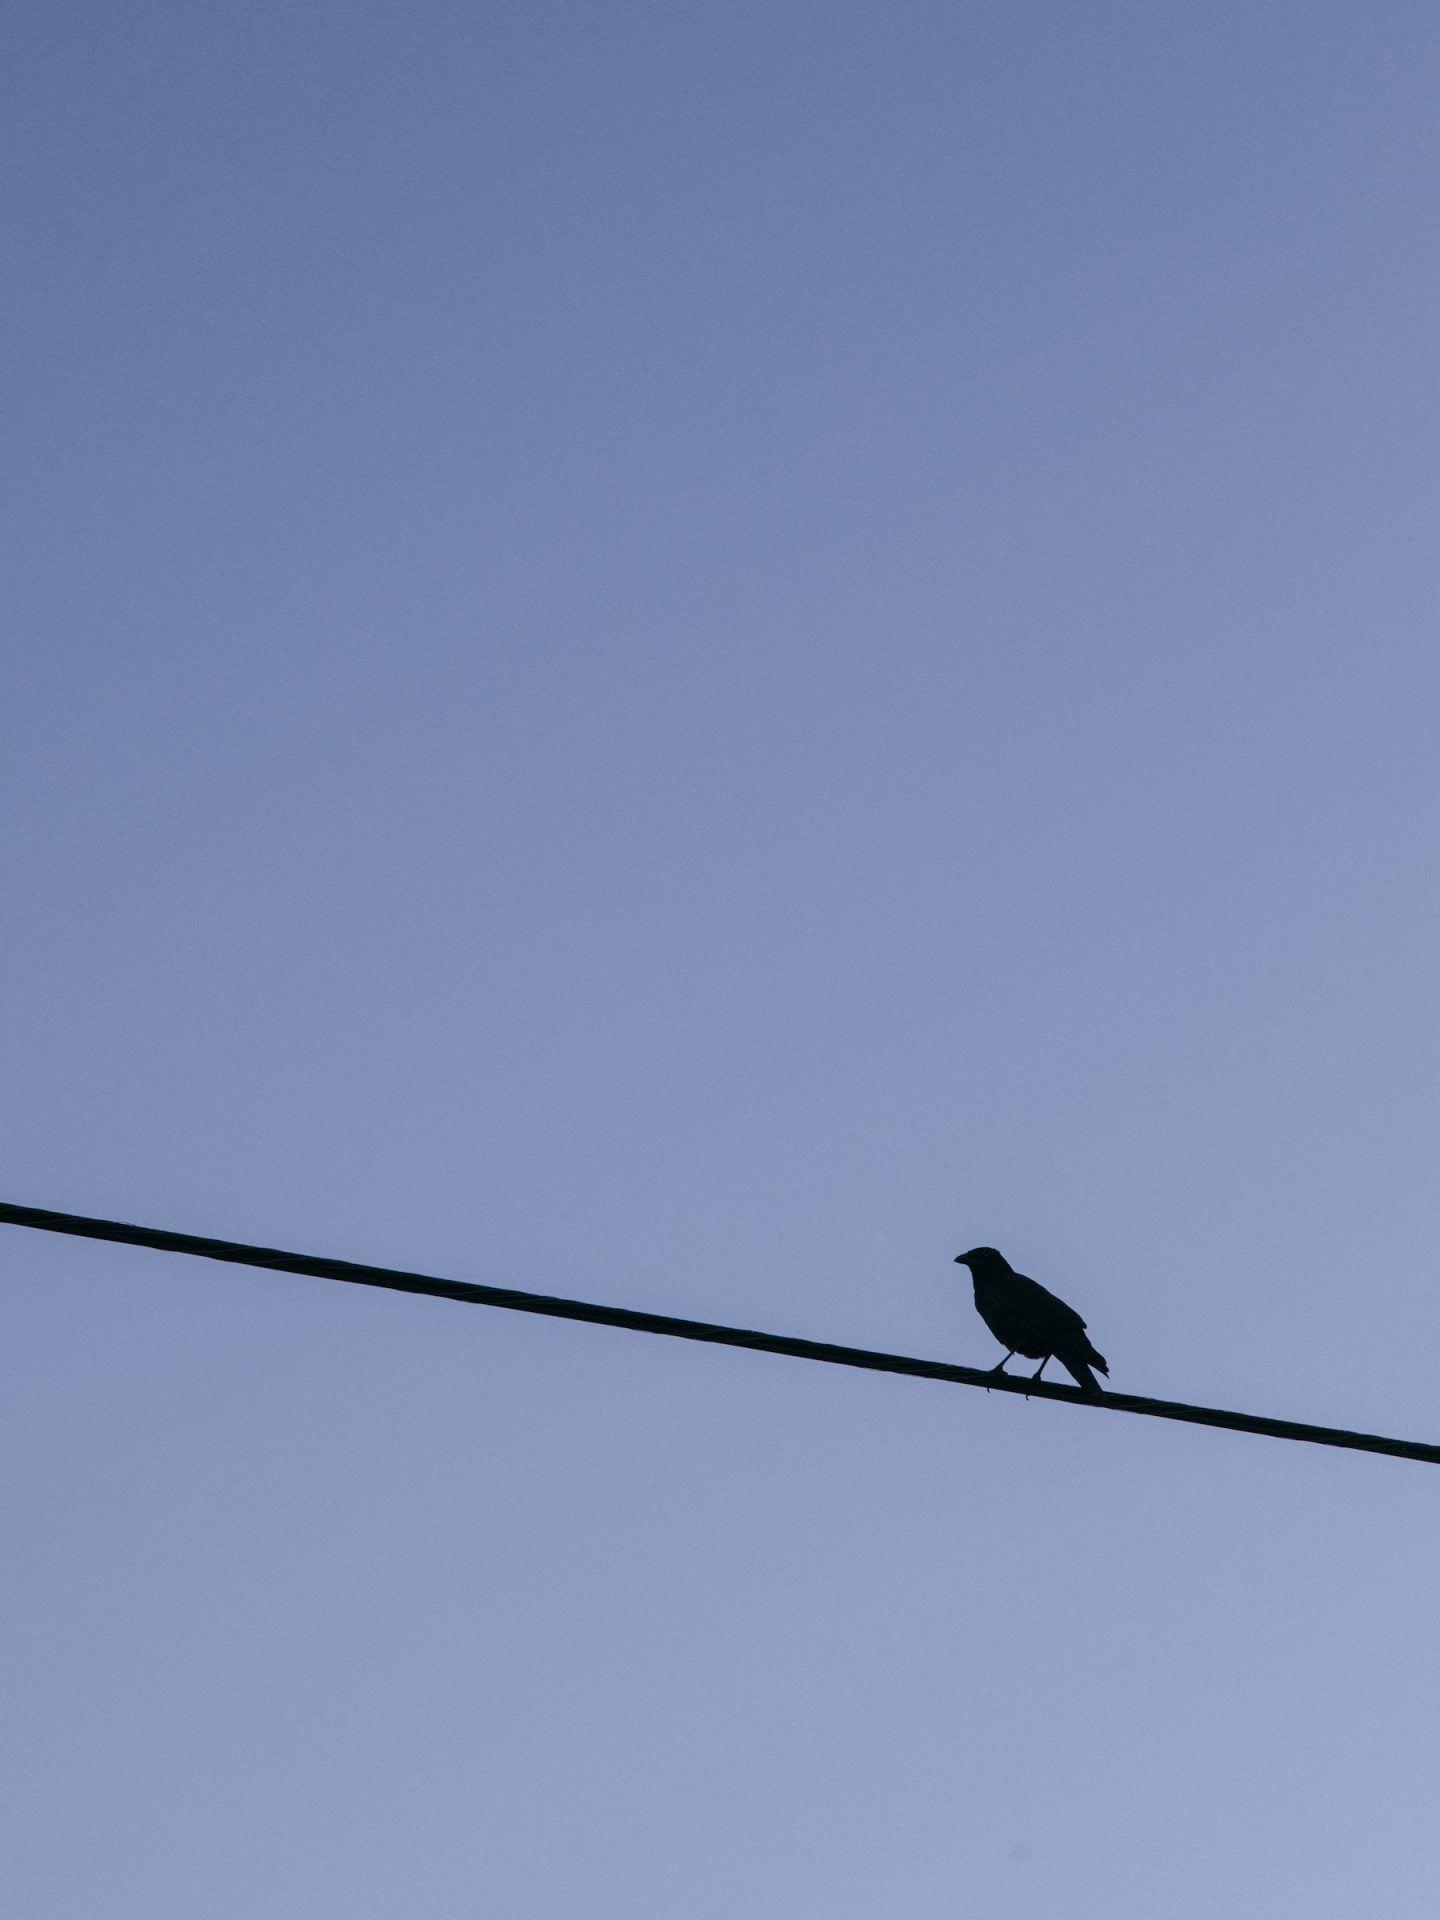 IGNANT-Photography-Landon-Speers-Nova-Scotia-026